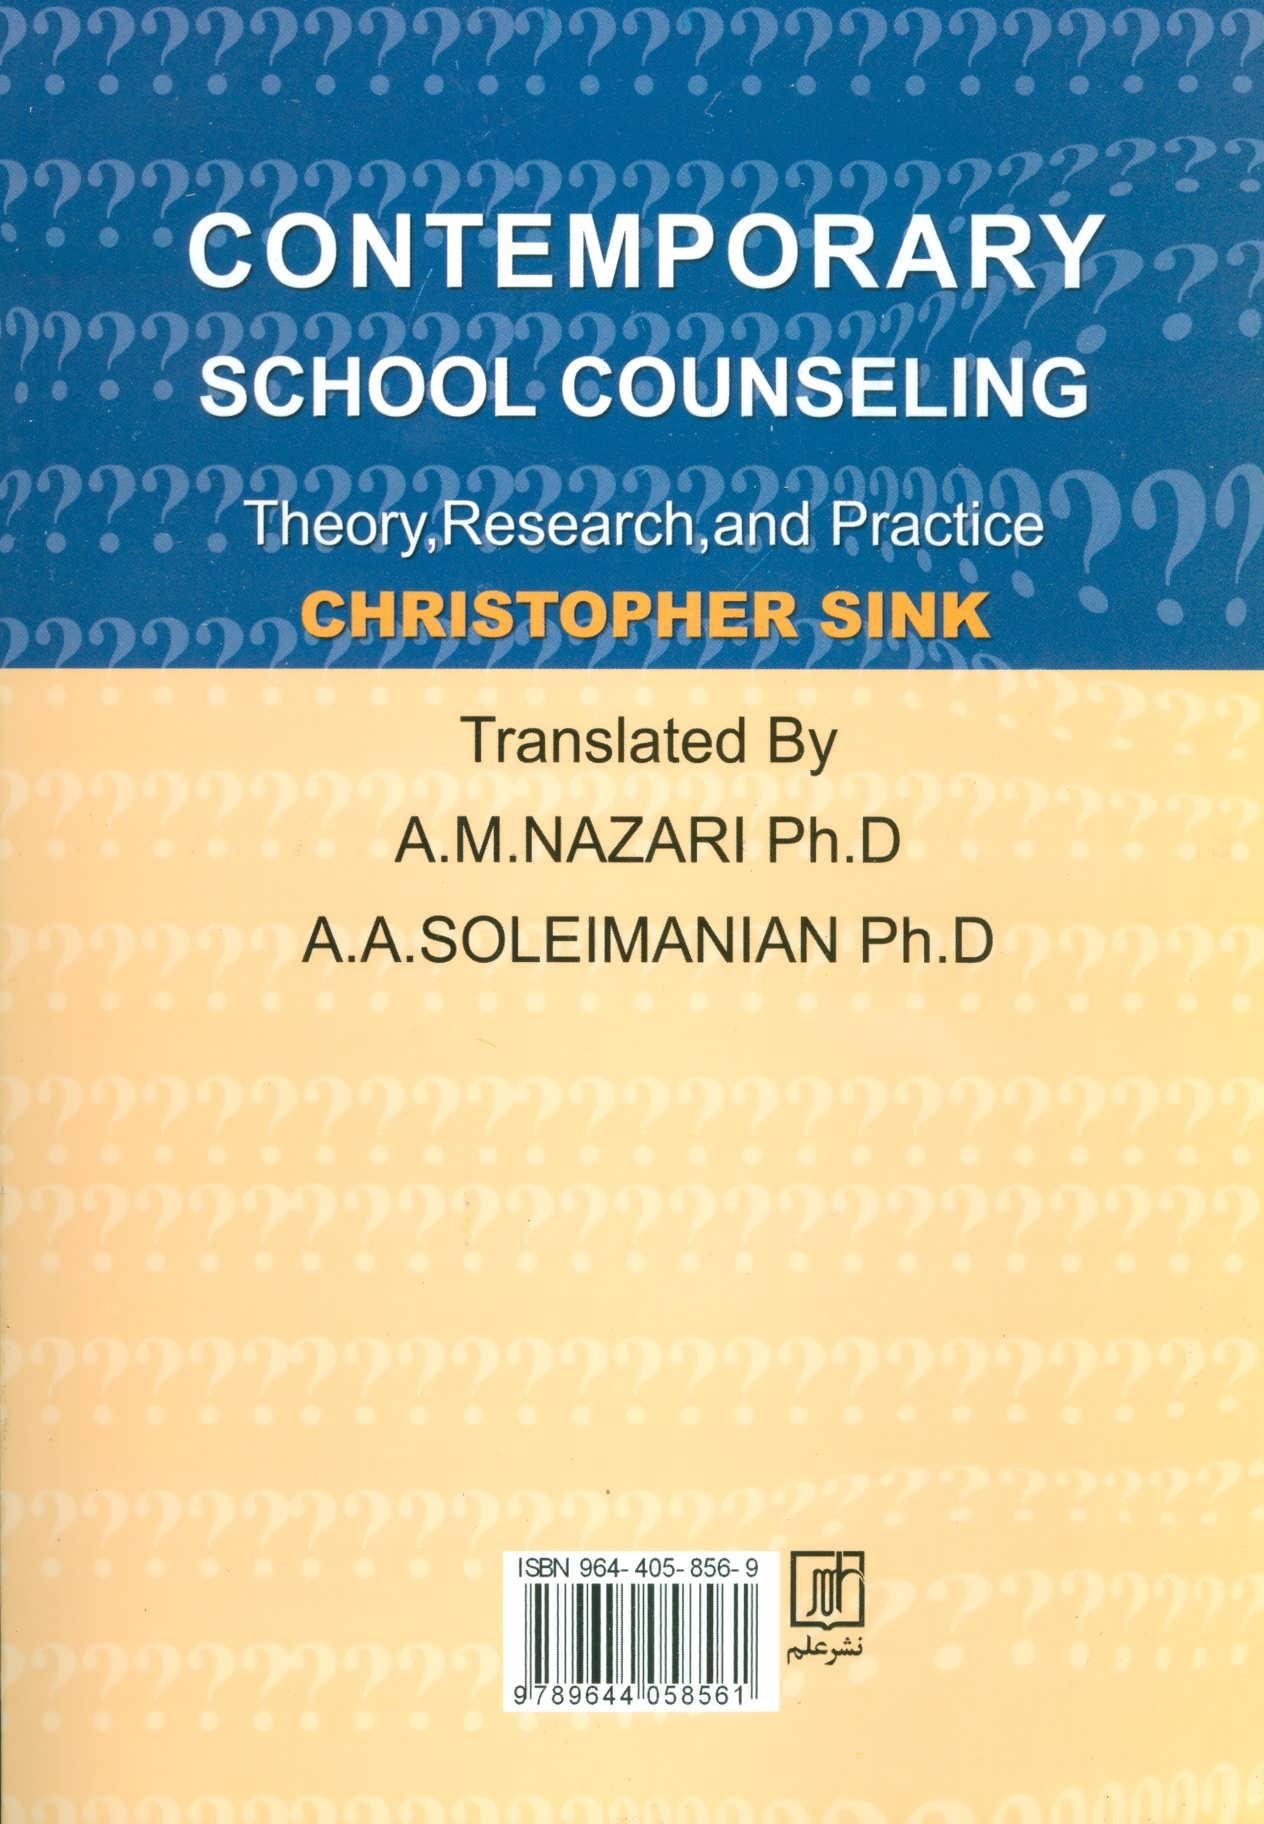 مشاوره ی مدرسه در عصر حاضر (نظریه،پژوهش و کاربرد)